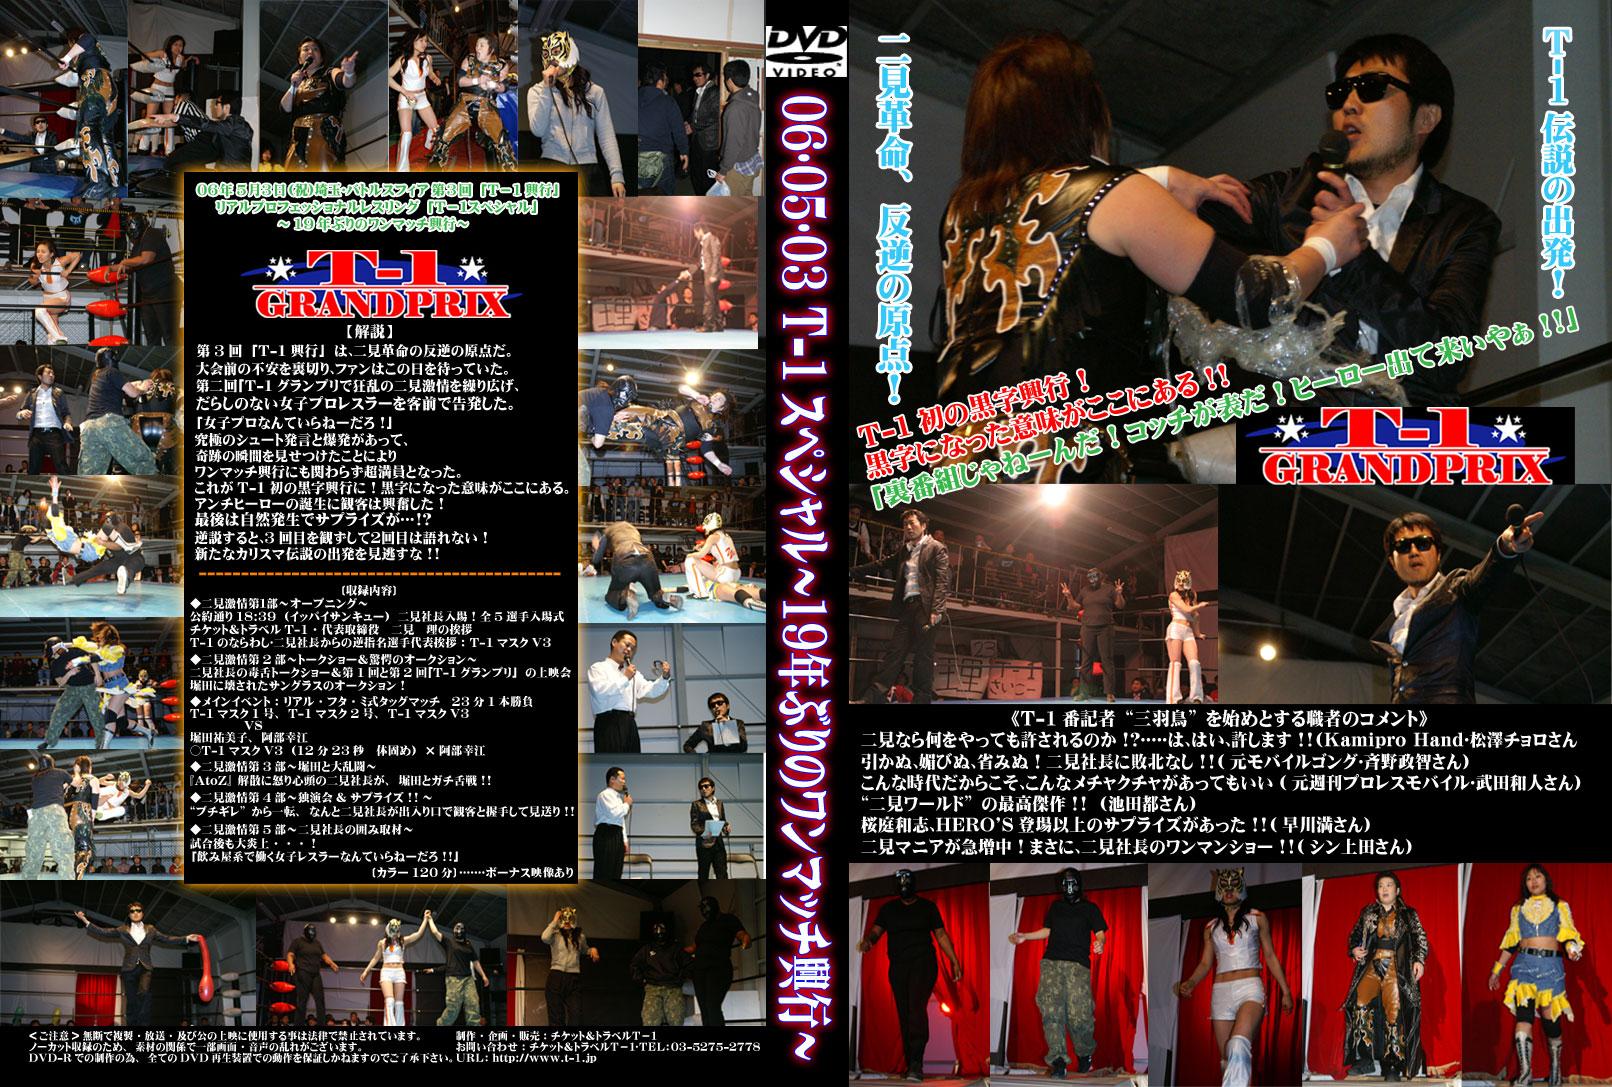 2006年5月3日 リアルプロフェッショナルレスリング T-1スペシャル~19年ぶりのワンマッチ興行~ DVD